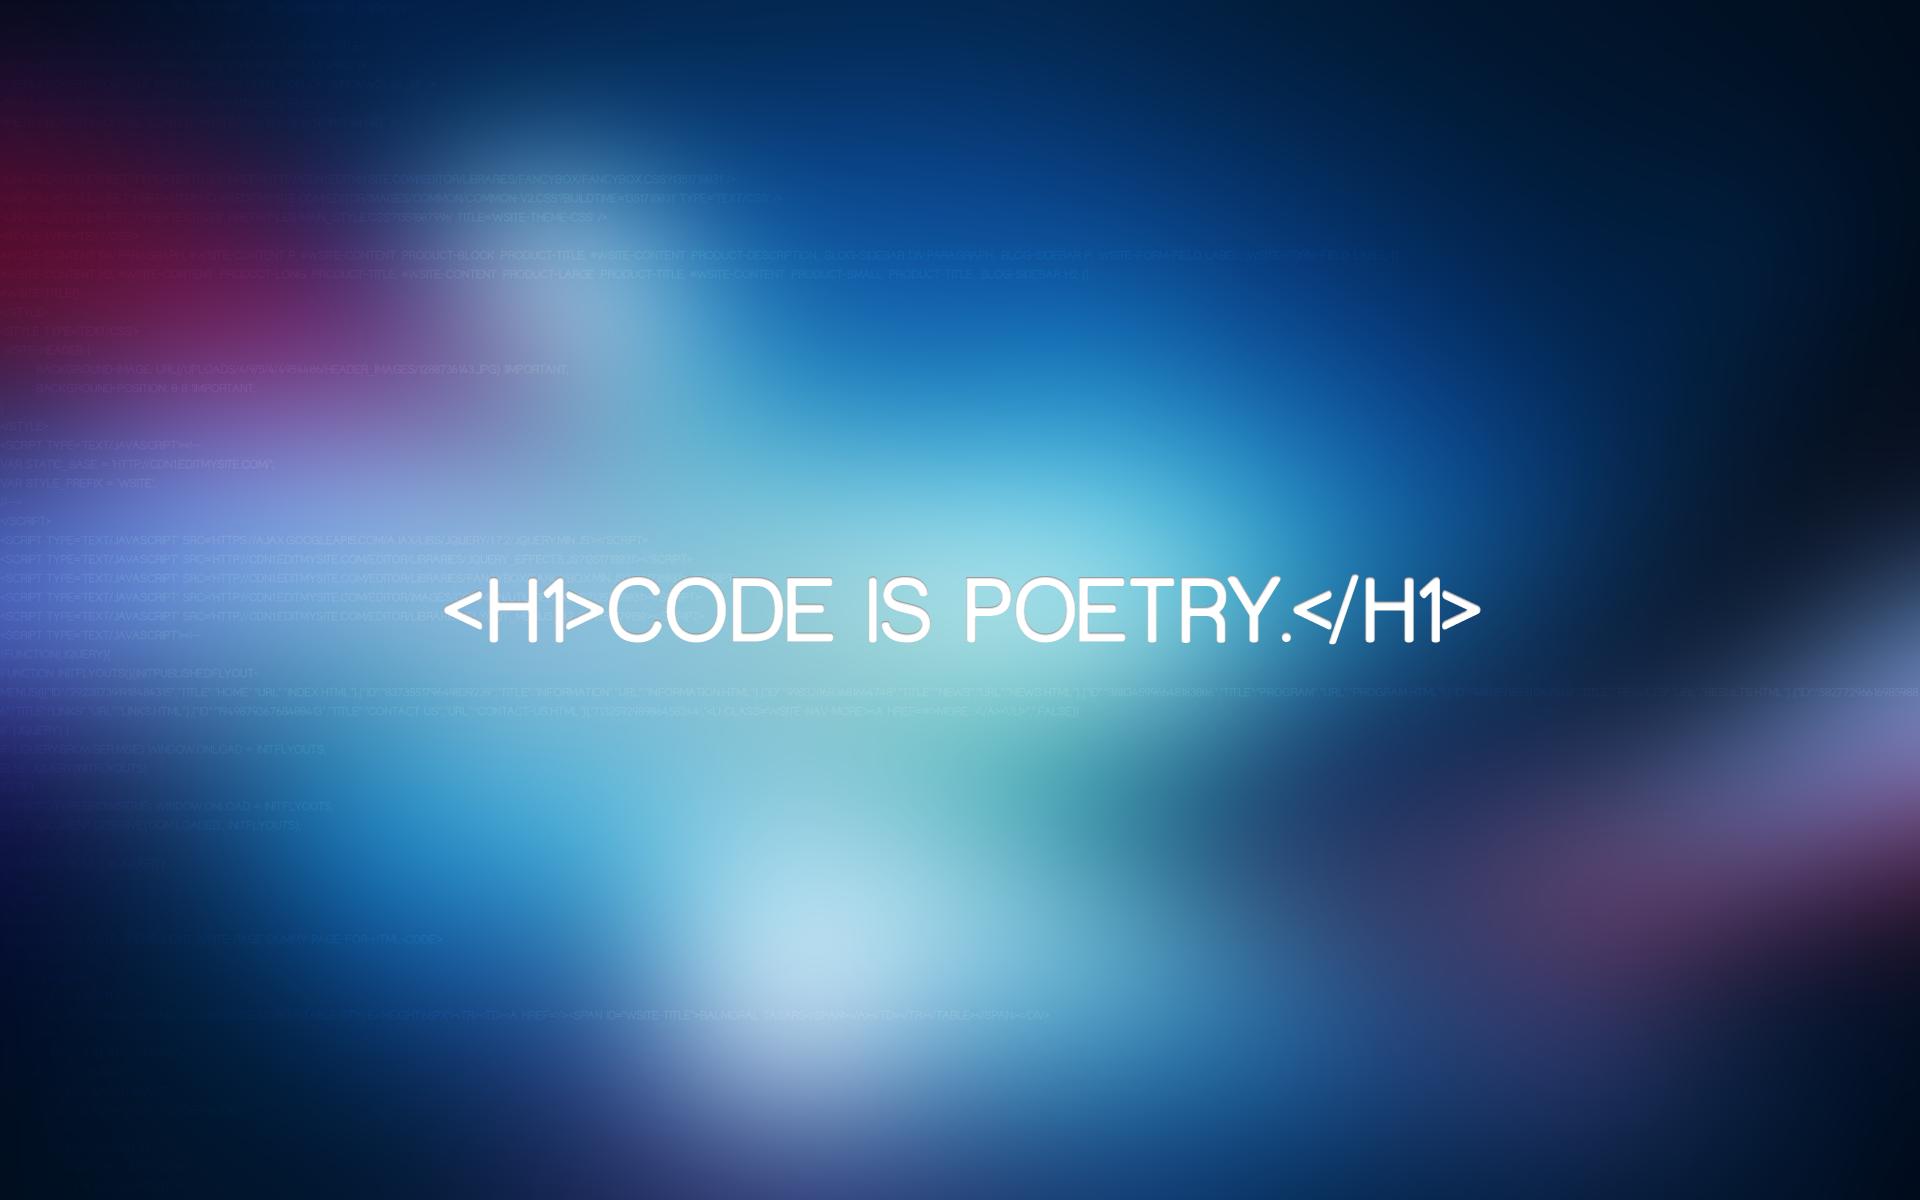 Code Is Poetry Laptop HD